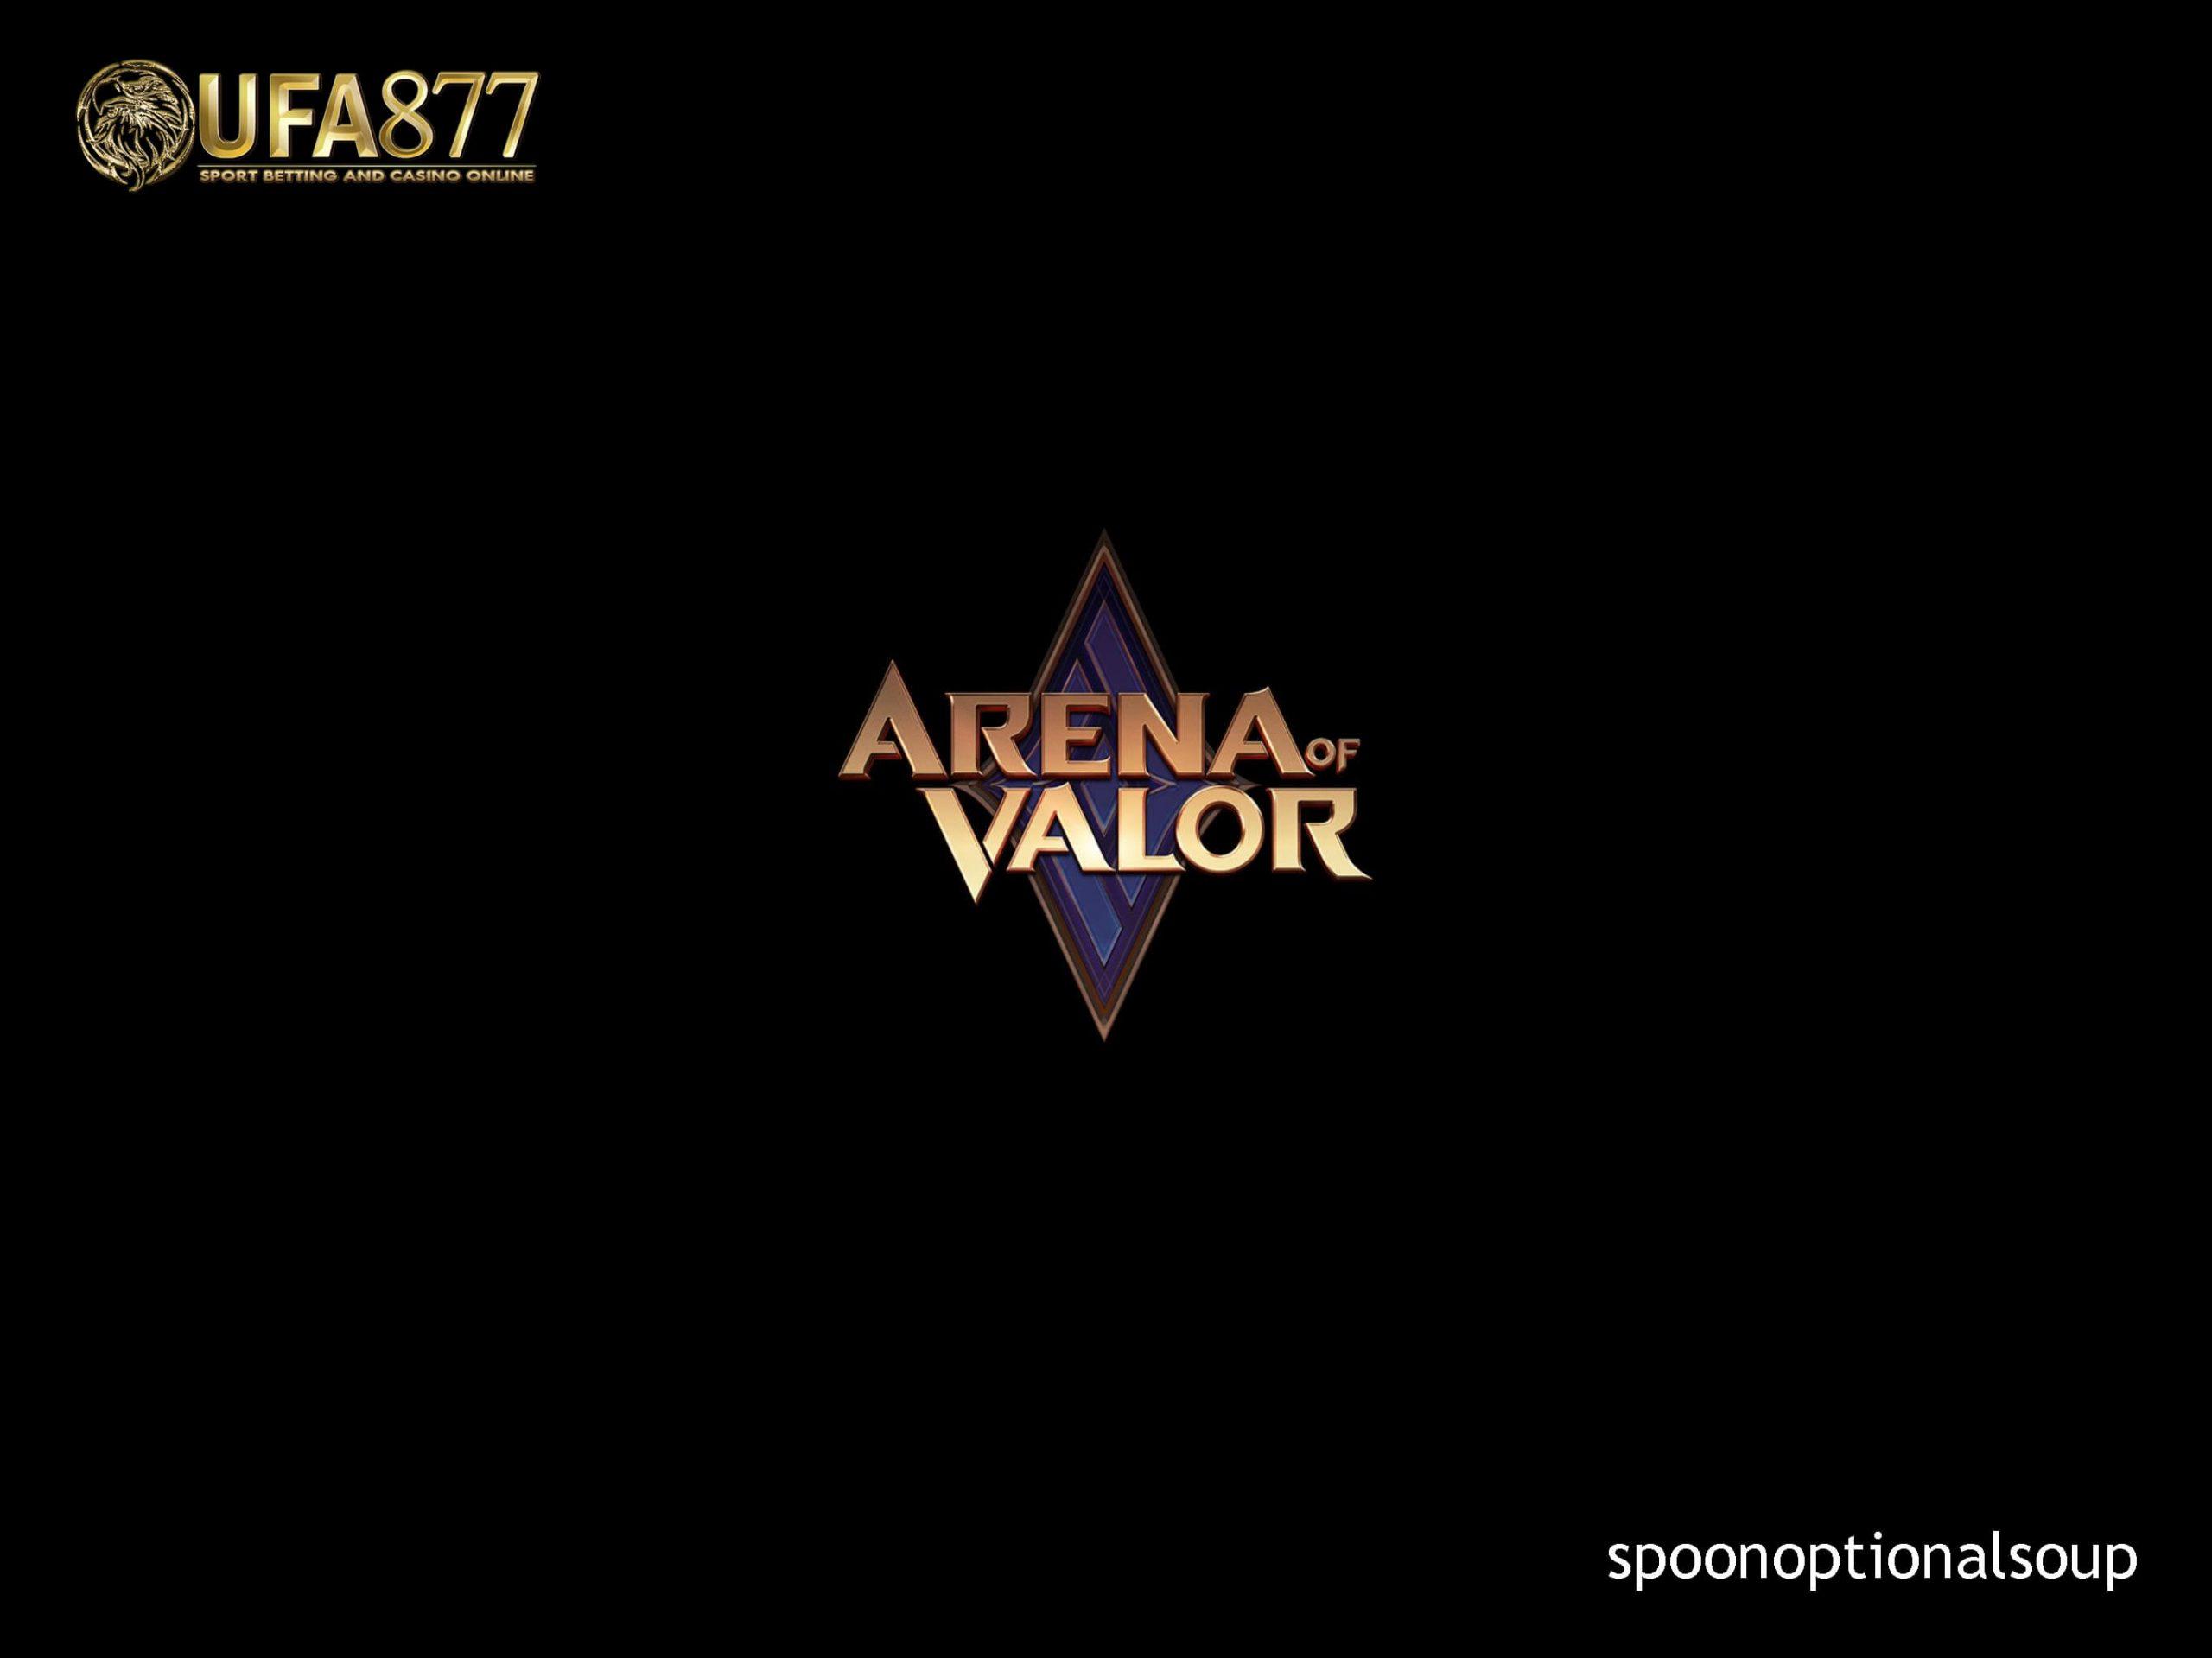 Arena of Valor ความรู้ที่น่าสนใจ Ep.1